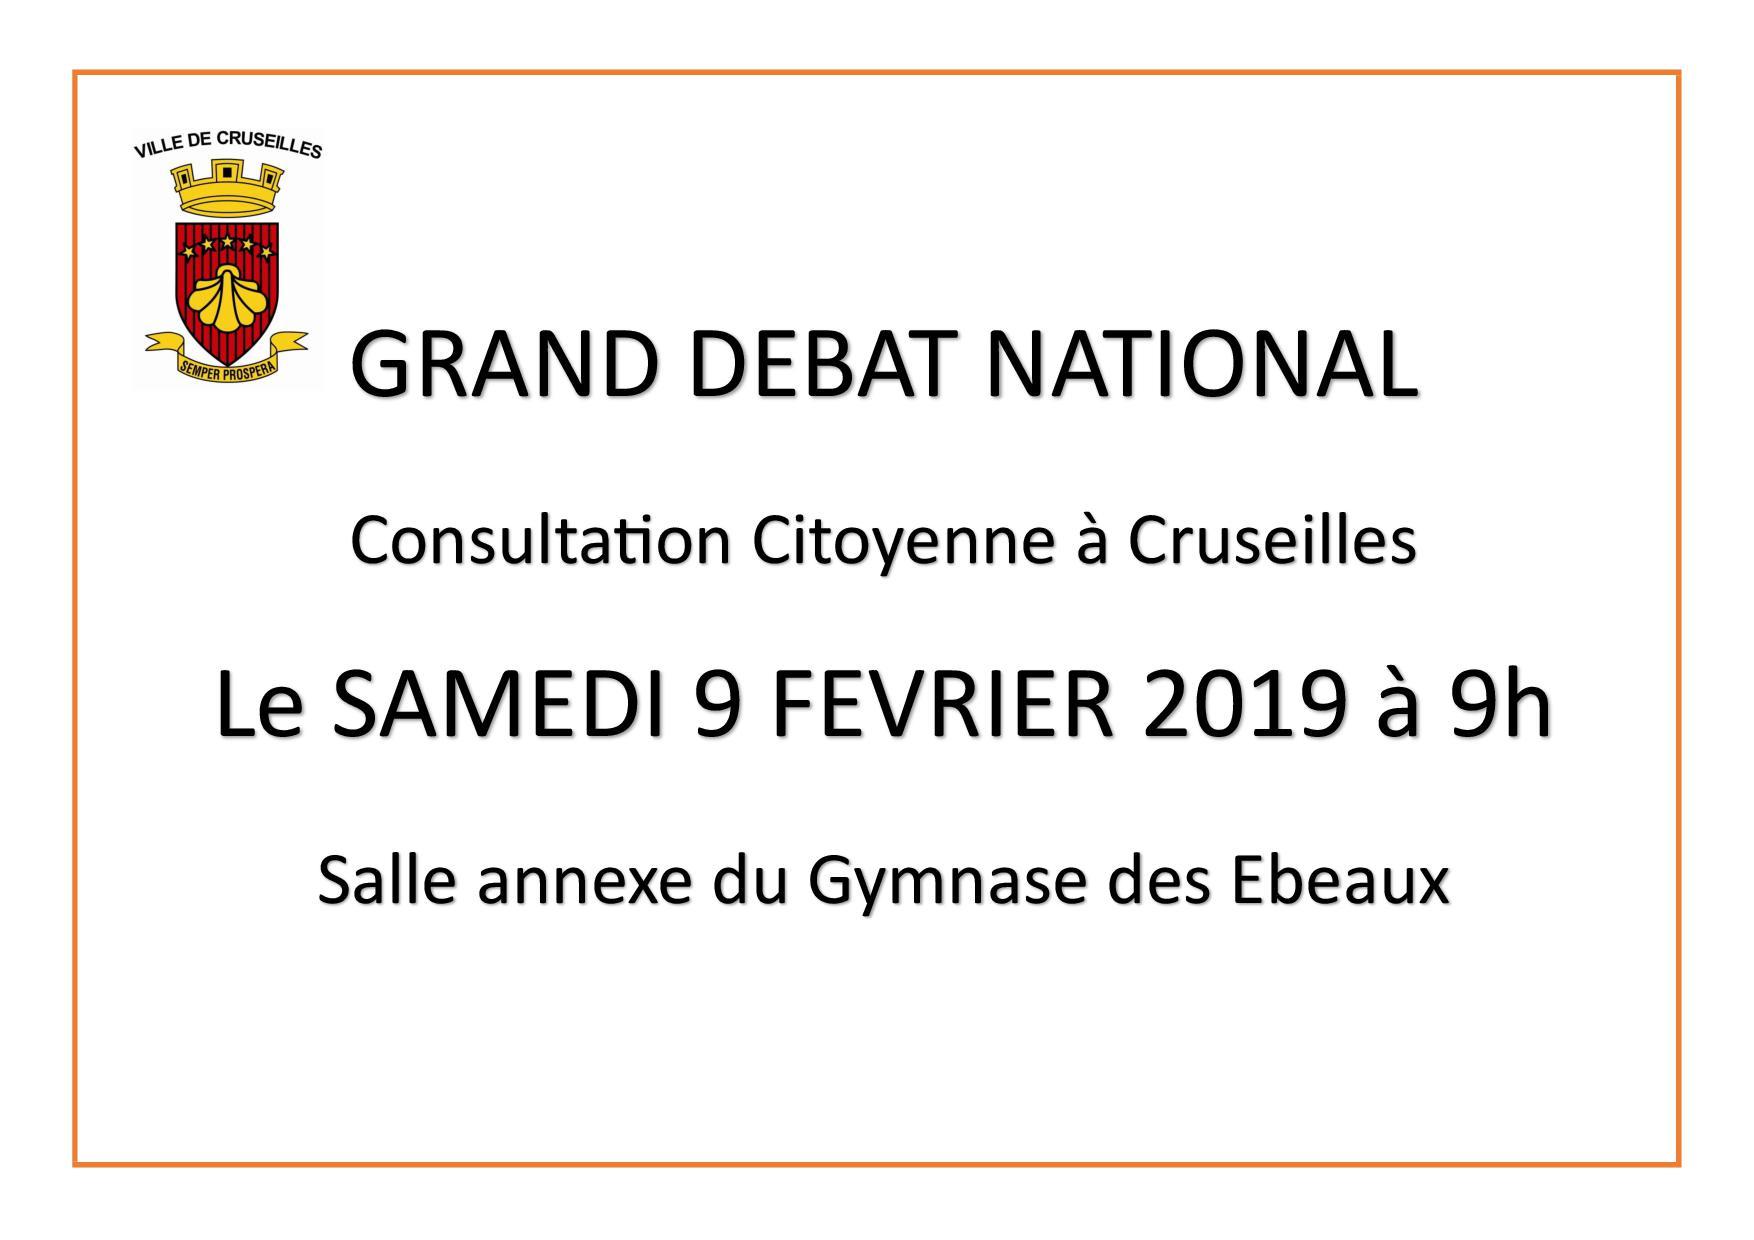 Grand débat national_affiche 2